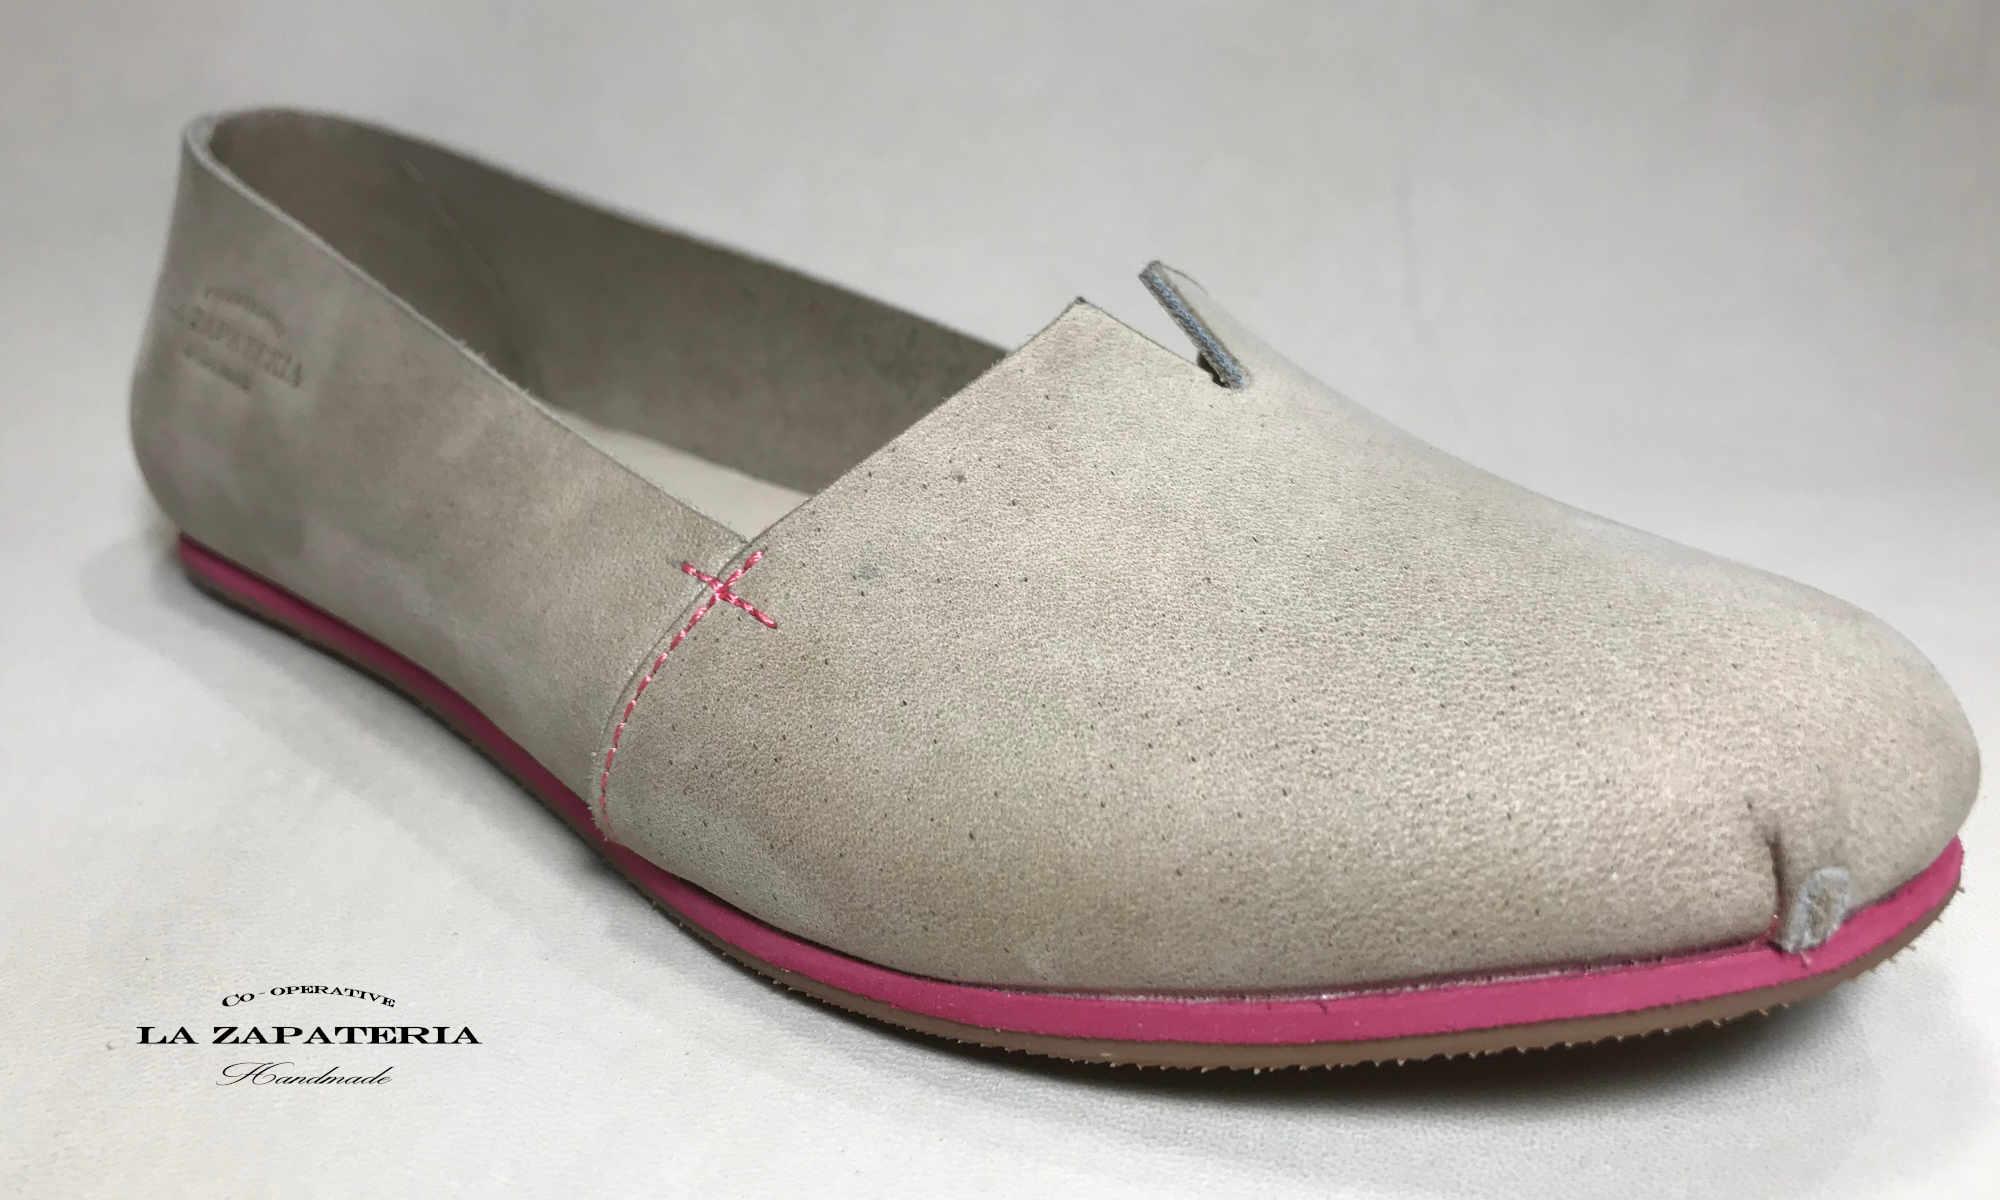 Pampa zapatos flat de cuero hechos a mano tierra detalles rosados